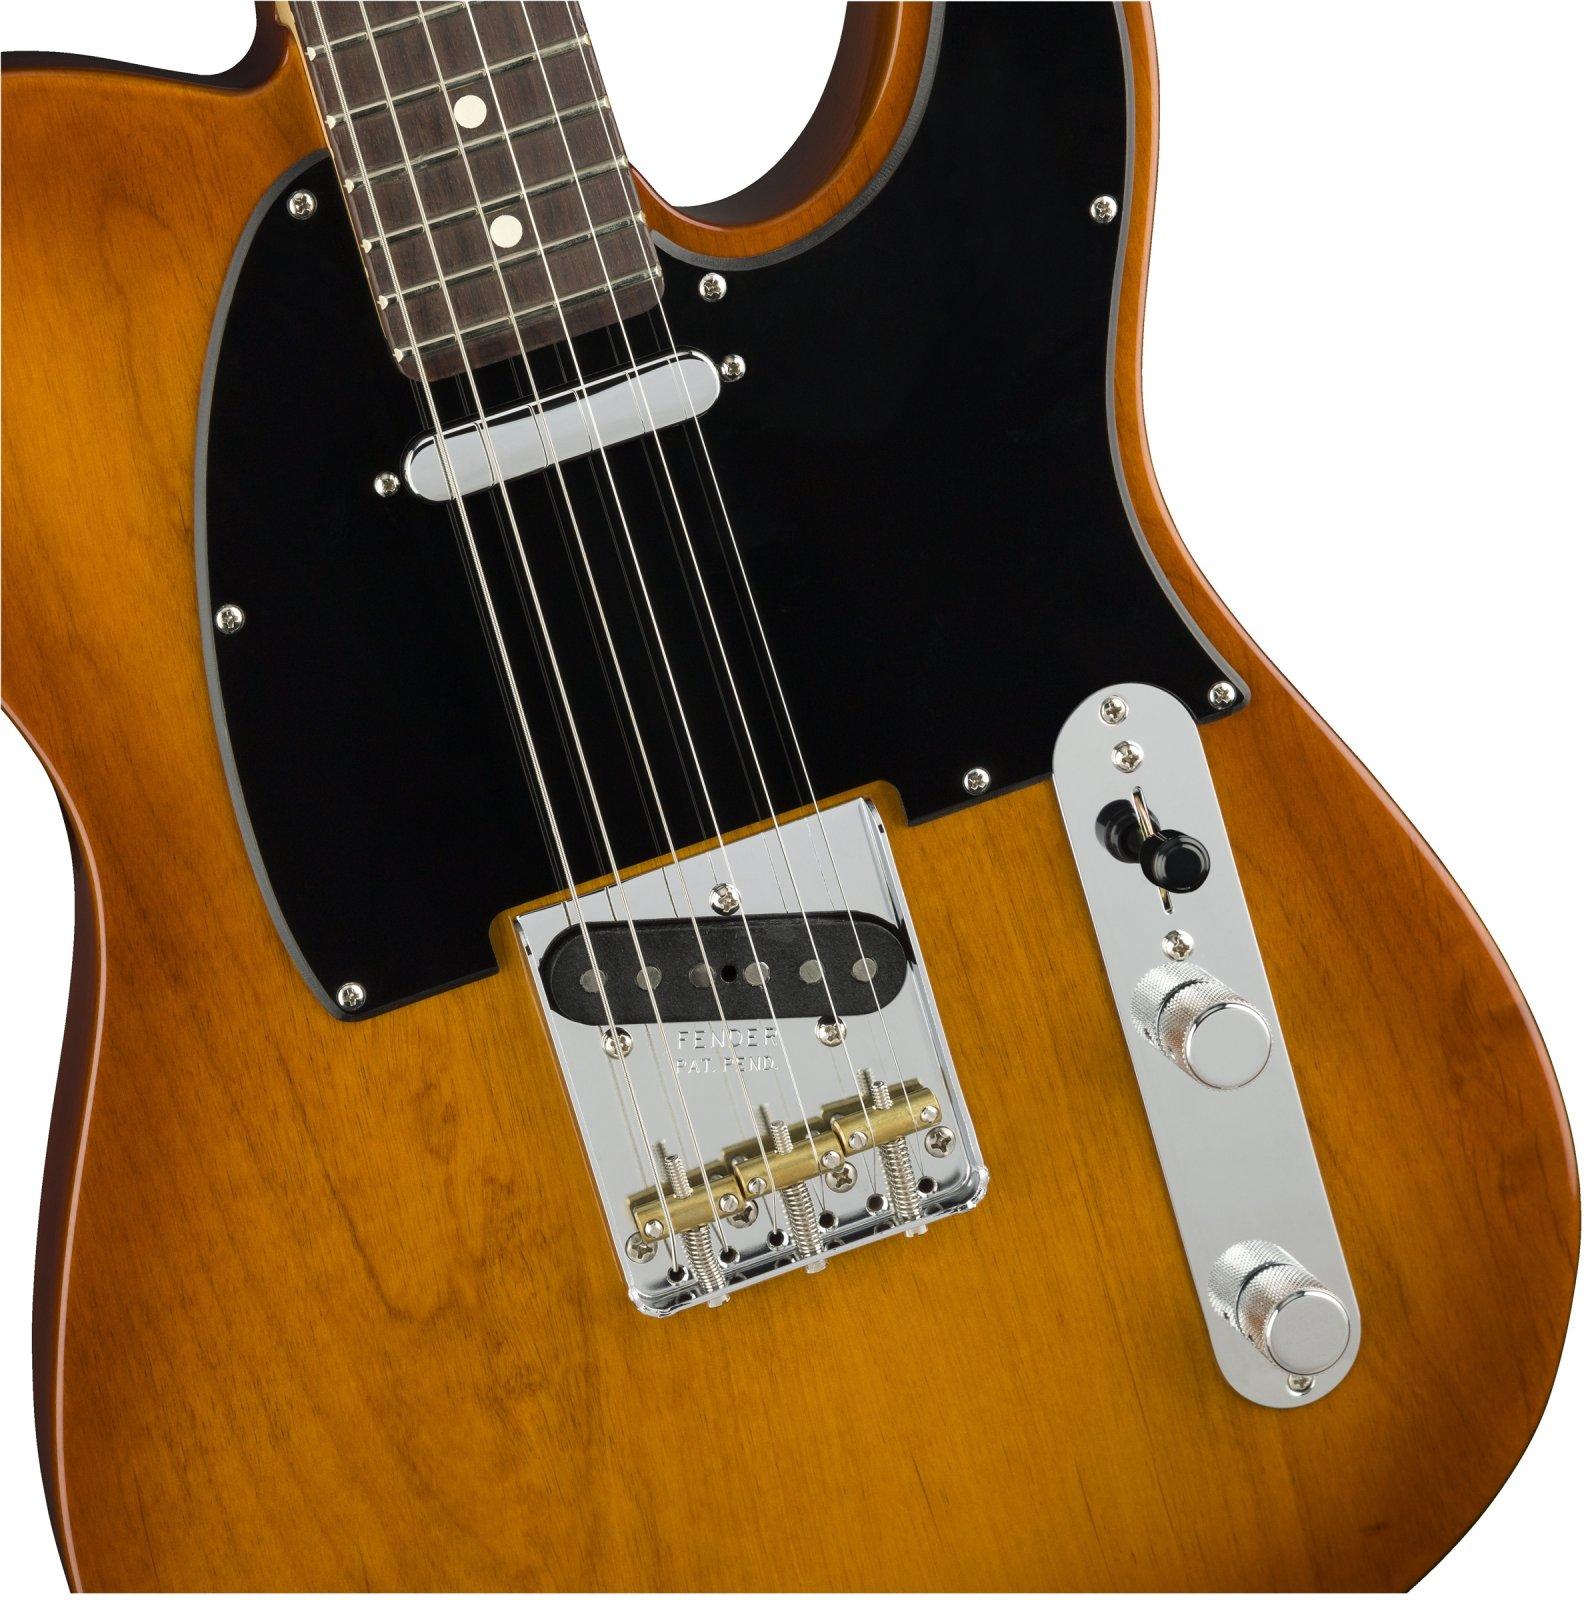 Fender American Performer Telecaster Honey Burst